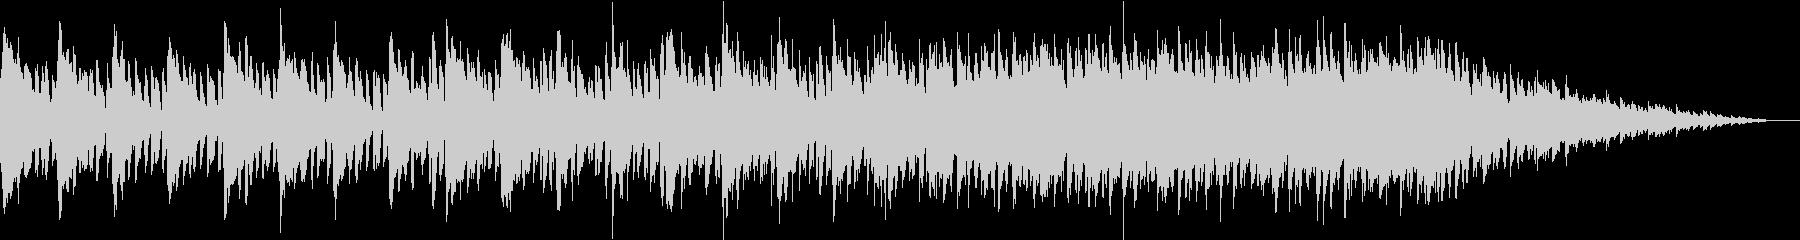 軽快なピアノを彩るキラキラAギター生演奏の未再生の波形